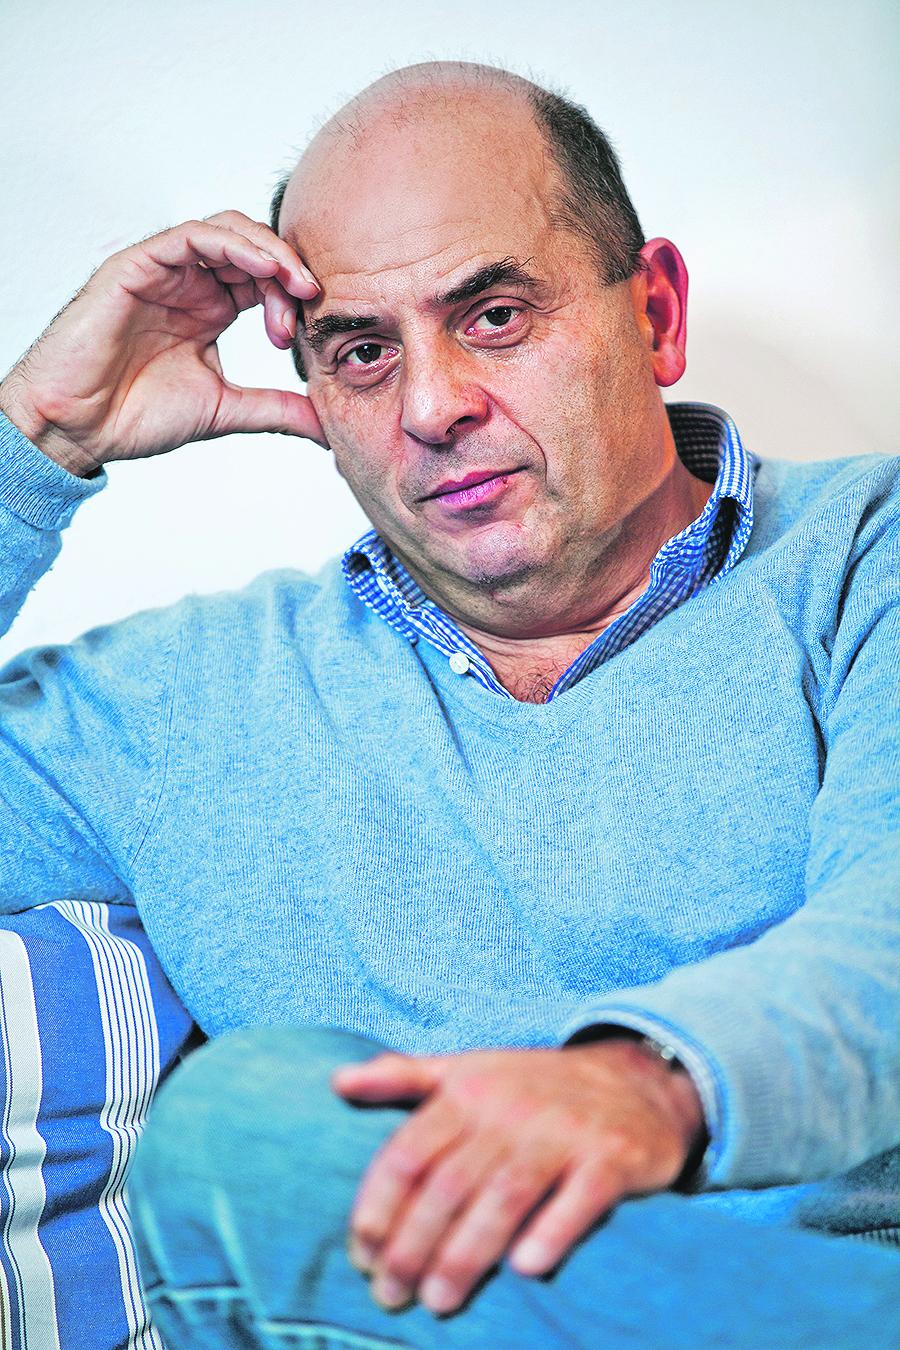 Zagreb, 131112. Povjesnicar Ivo Goldstein snimljen u svom stanu povodom izlaska nove knjige o povijesti Zagreba. Foto: Neja Markicevic / CROPIX